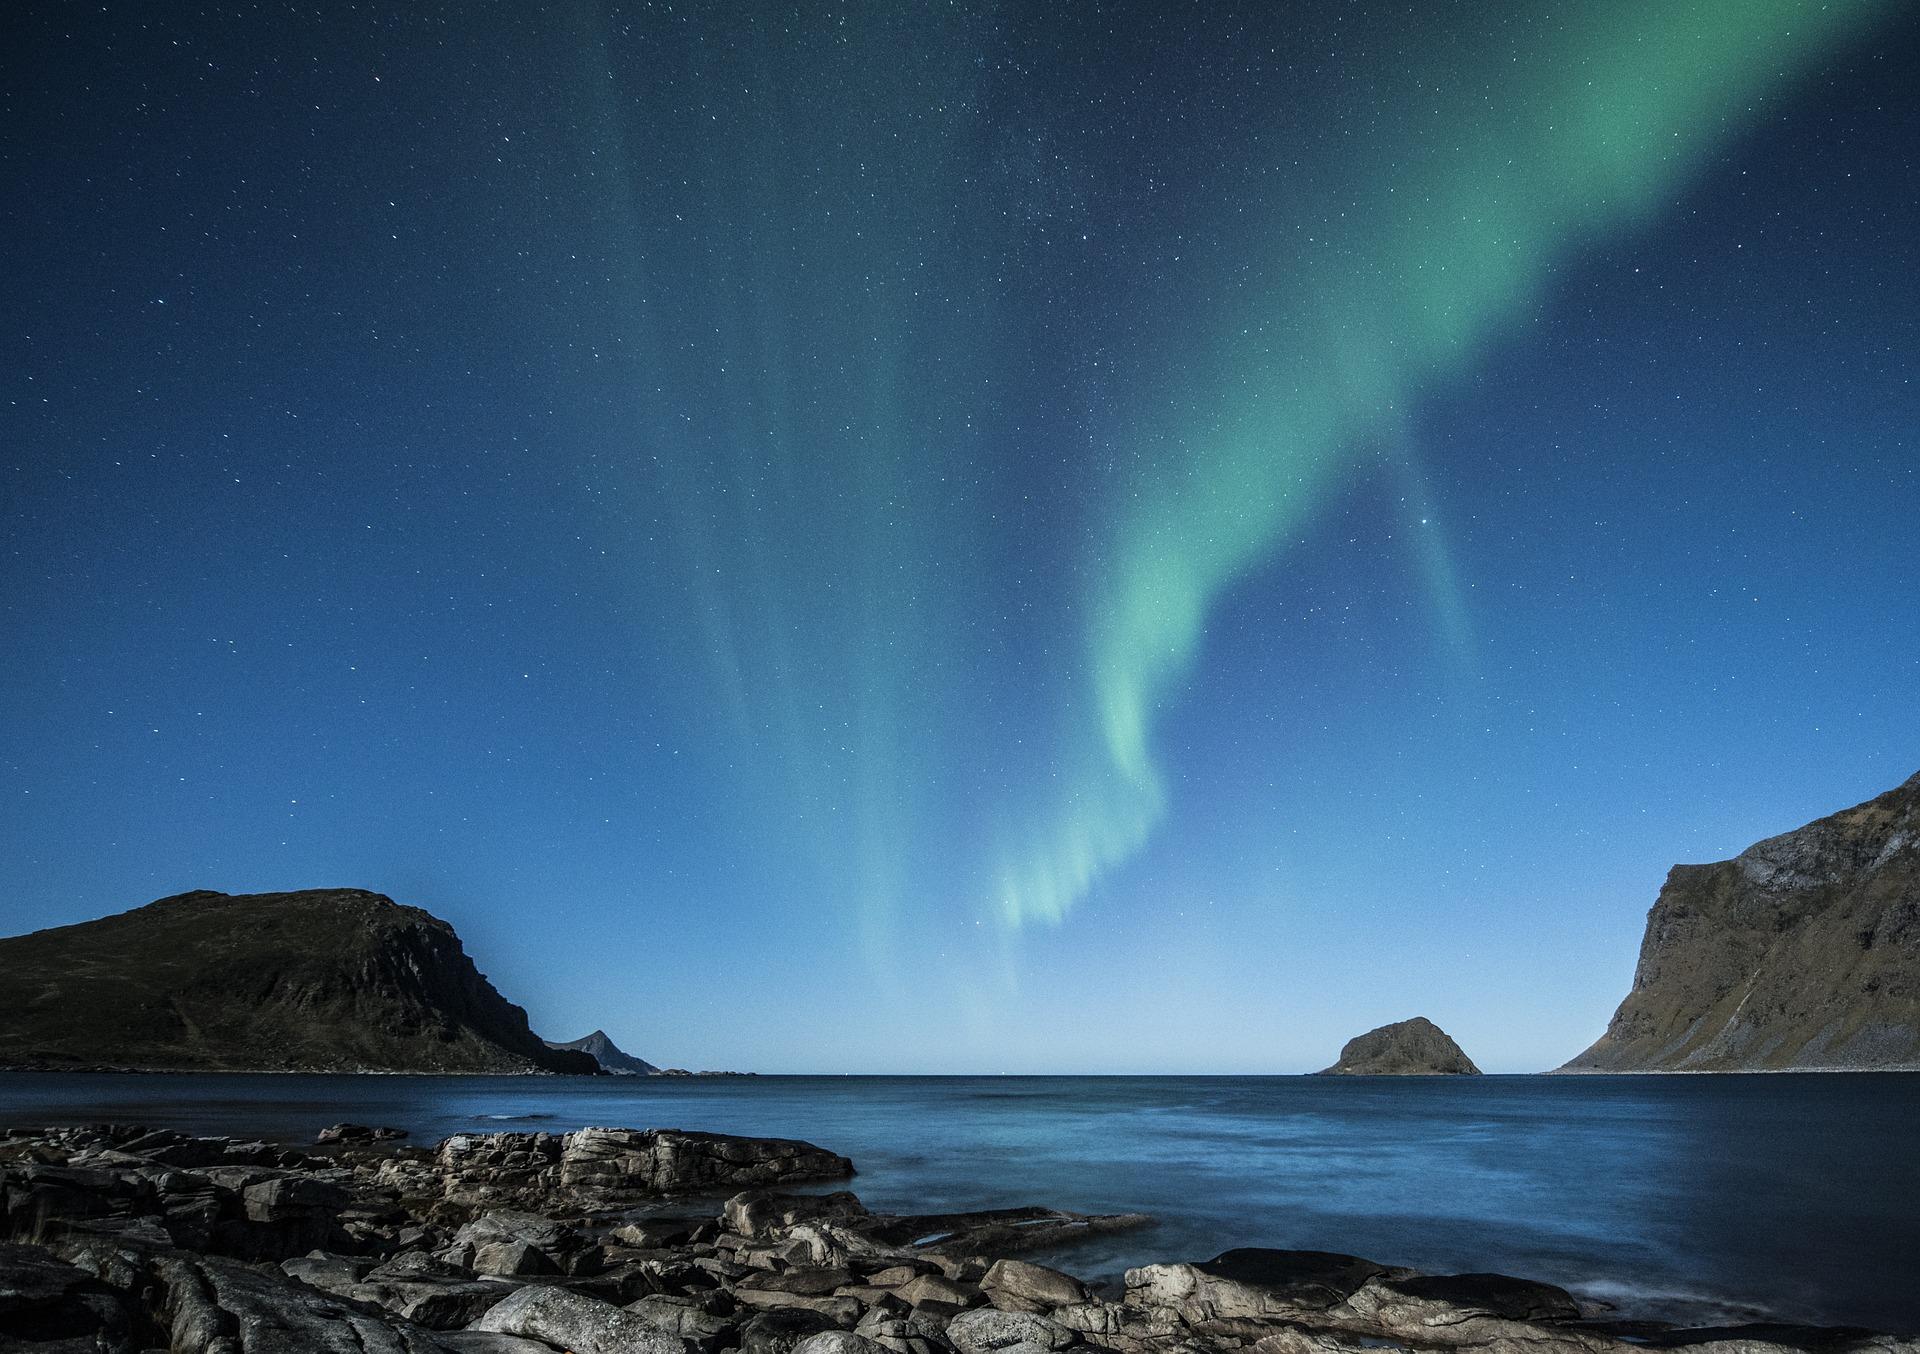 aurora-borealis-1032523_1920